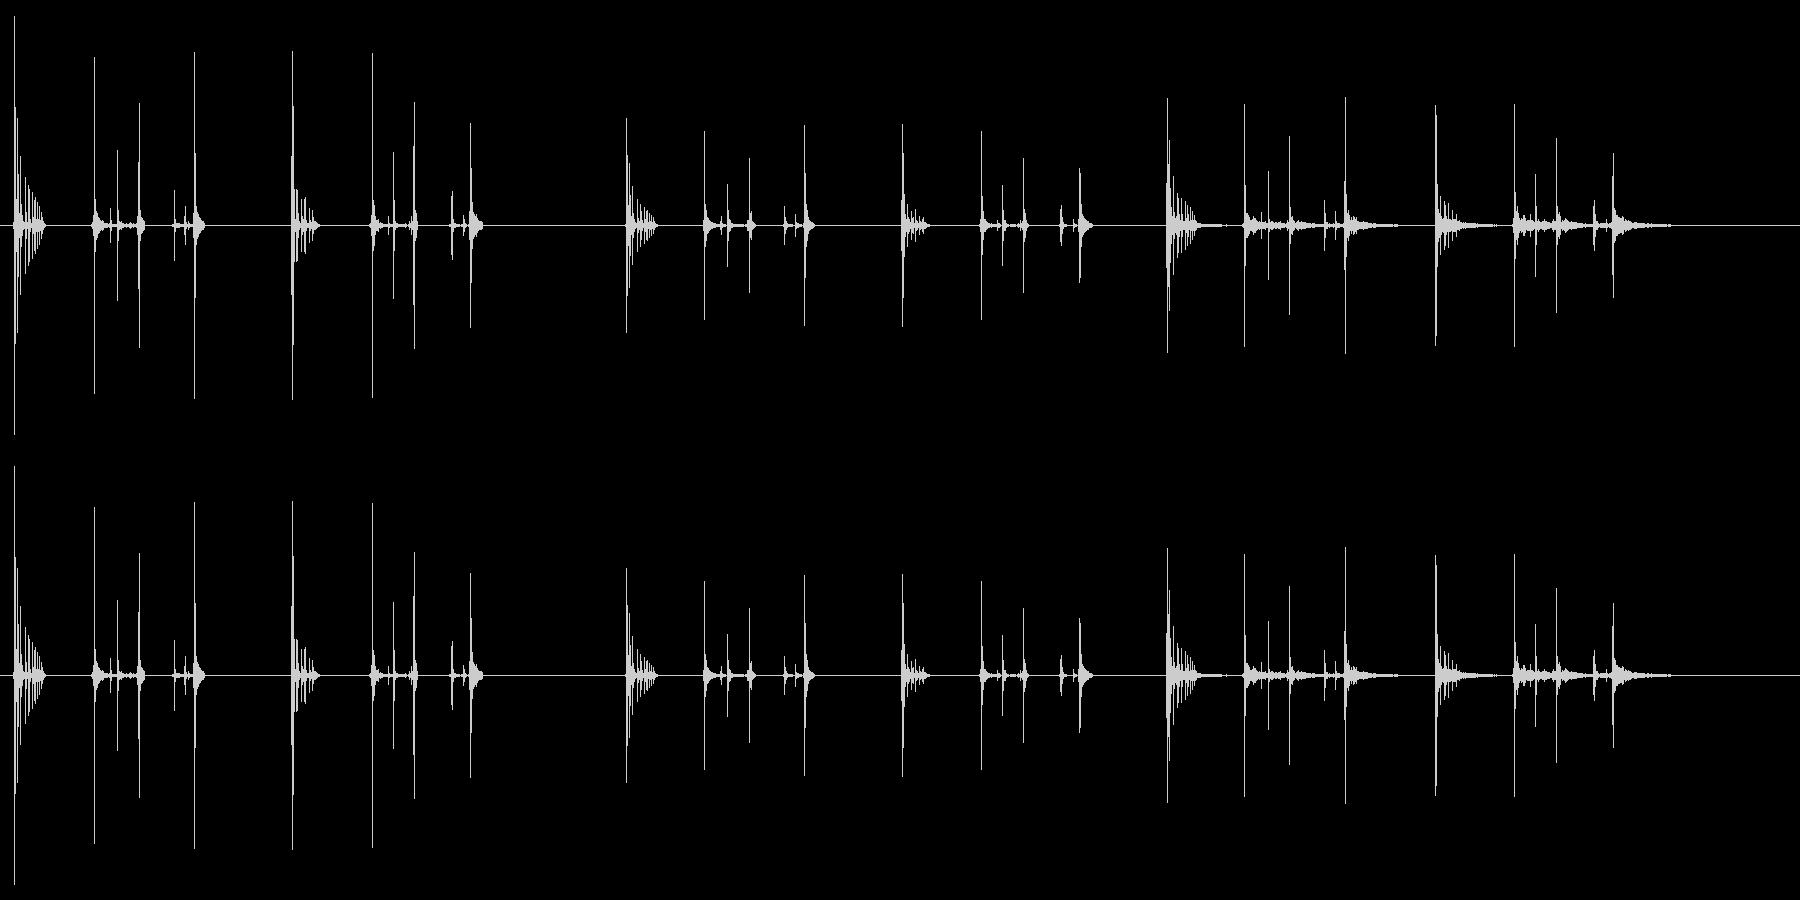 ハッチヒップ-2バージョンX 3ス...の未再生の波形